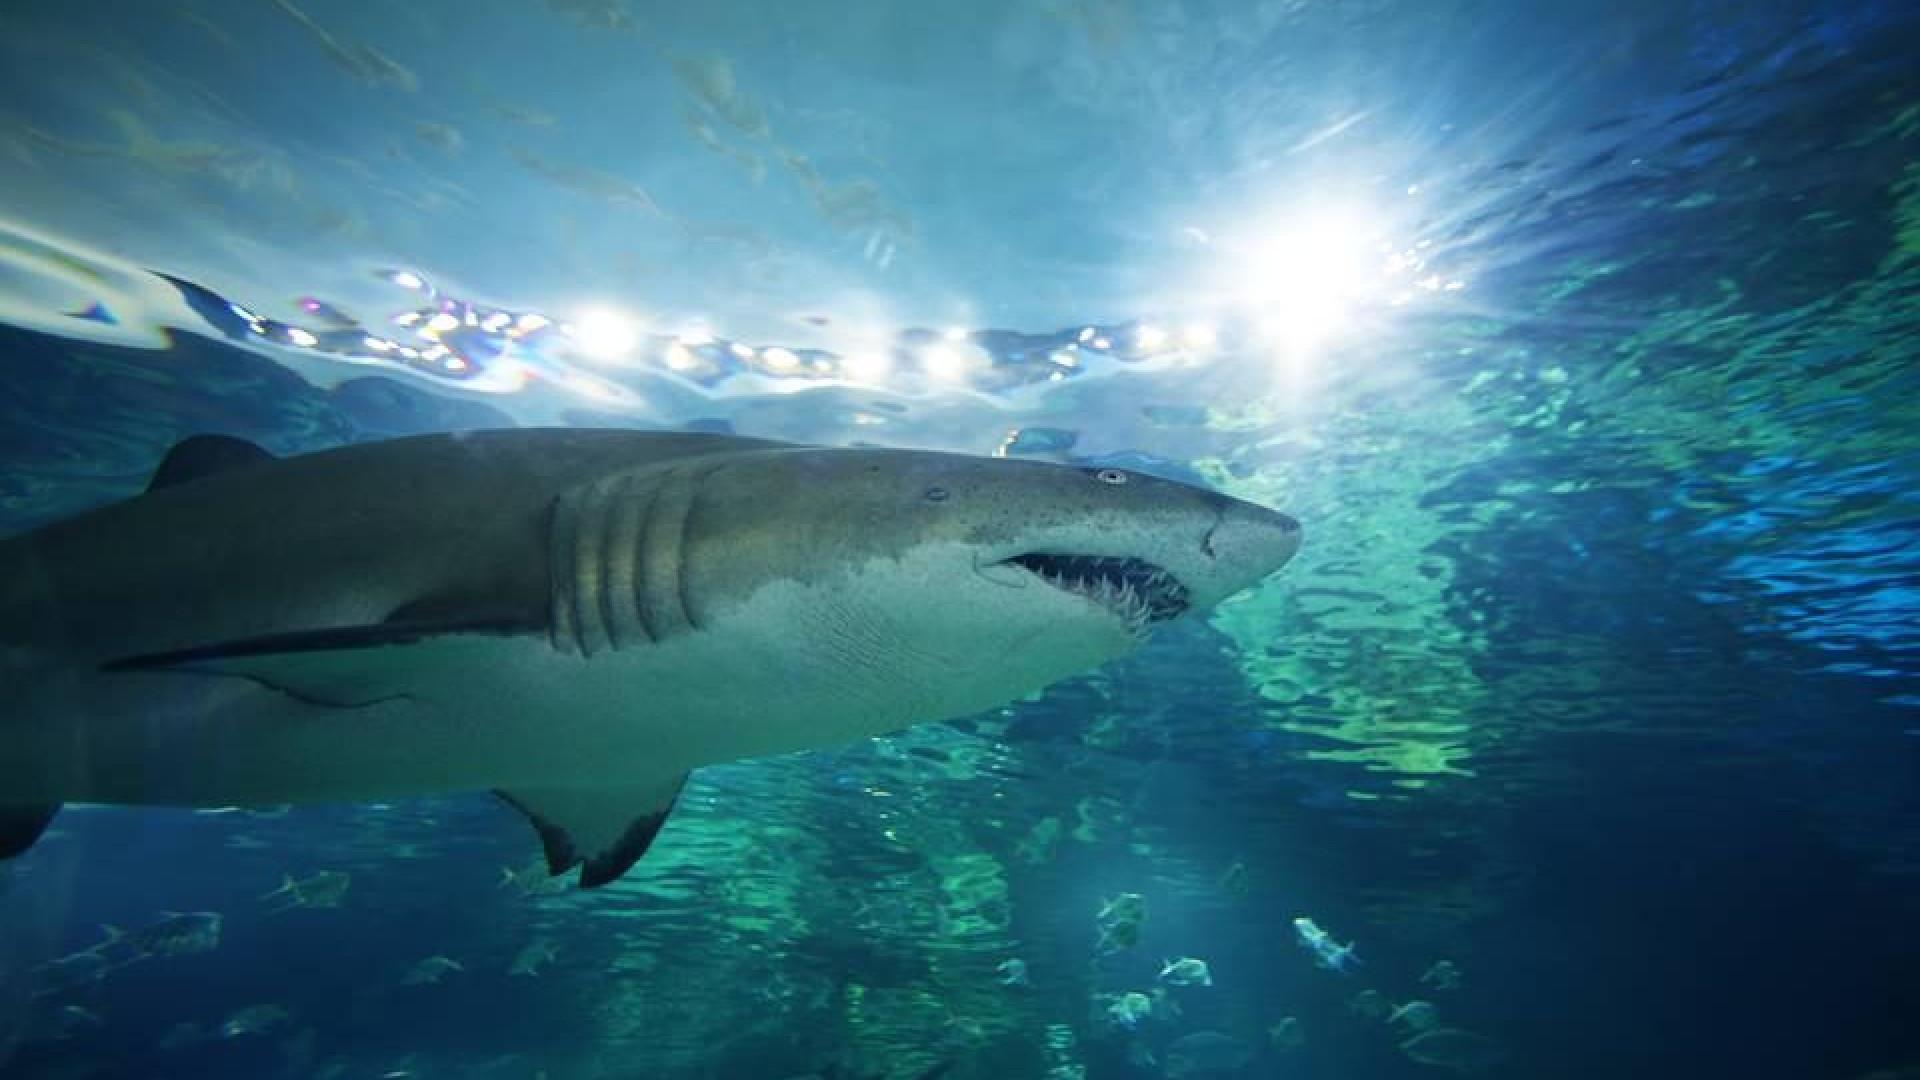 Homem despiu-se e mergulhou no aquário dos tubarões. Polícia procura-o